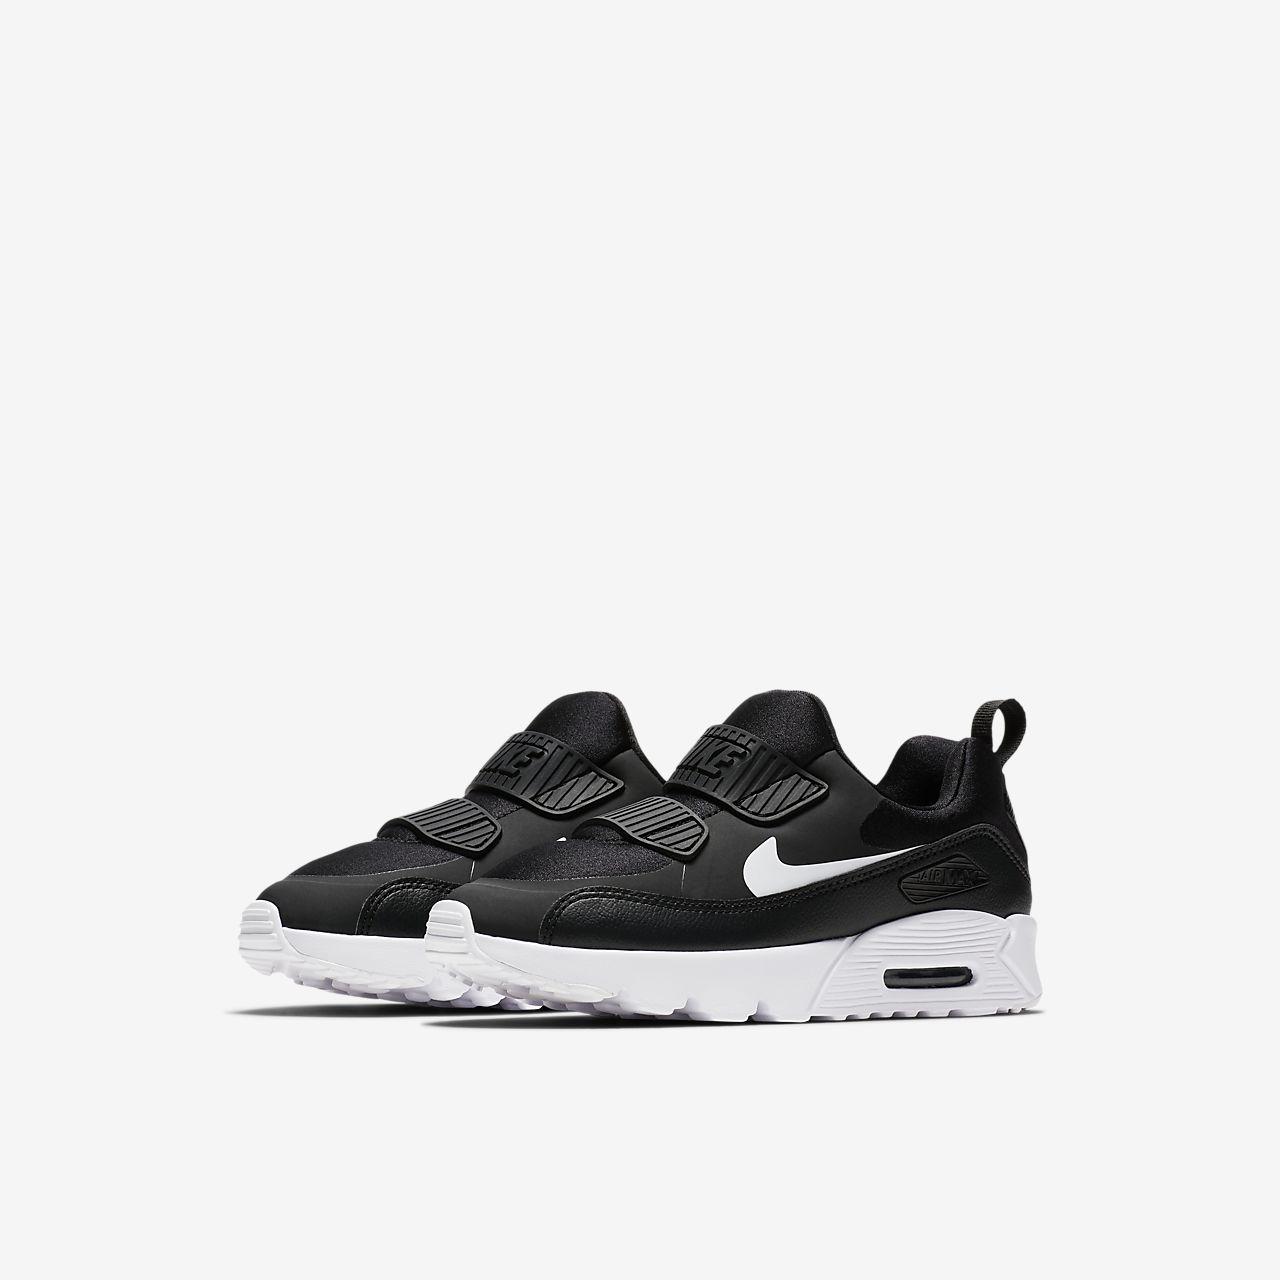 019ed991495 Nike Air Max Tiny 90 Little Kids  Shoe. Nike.com